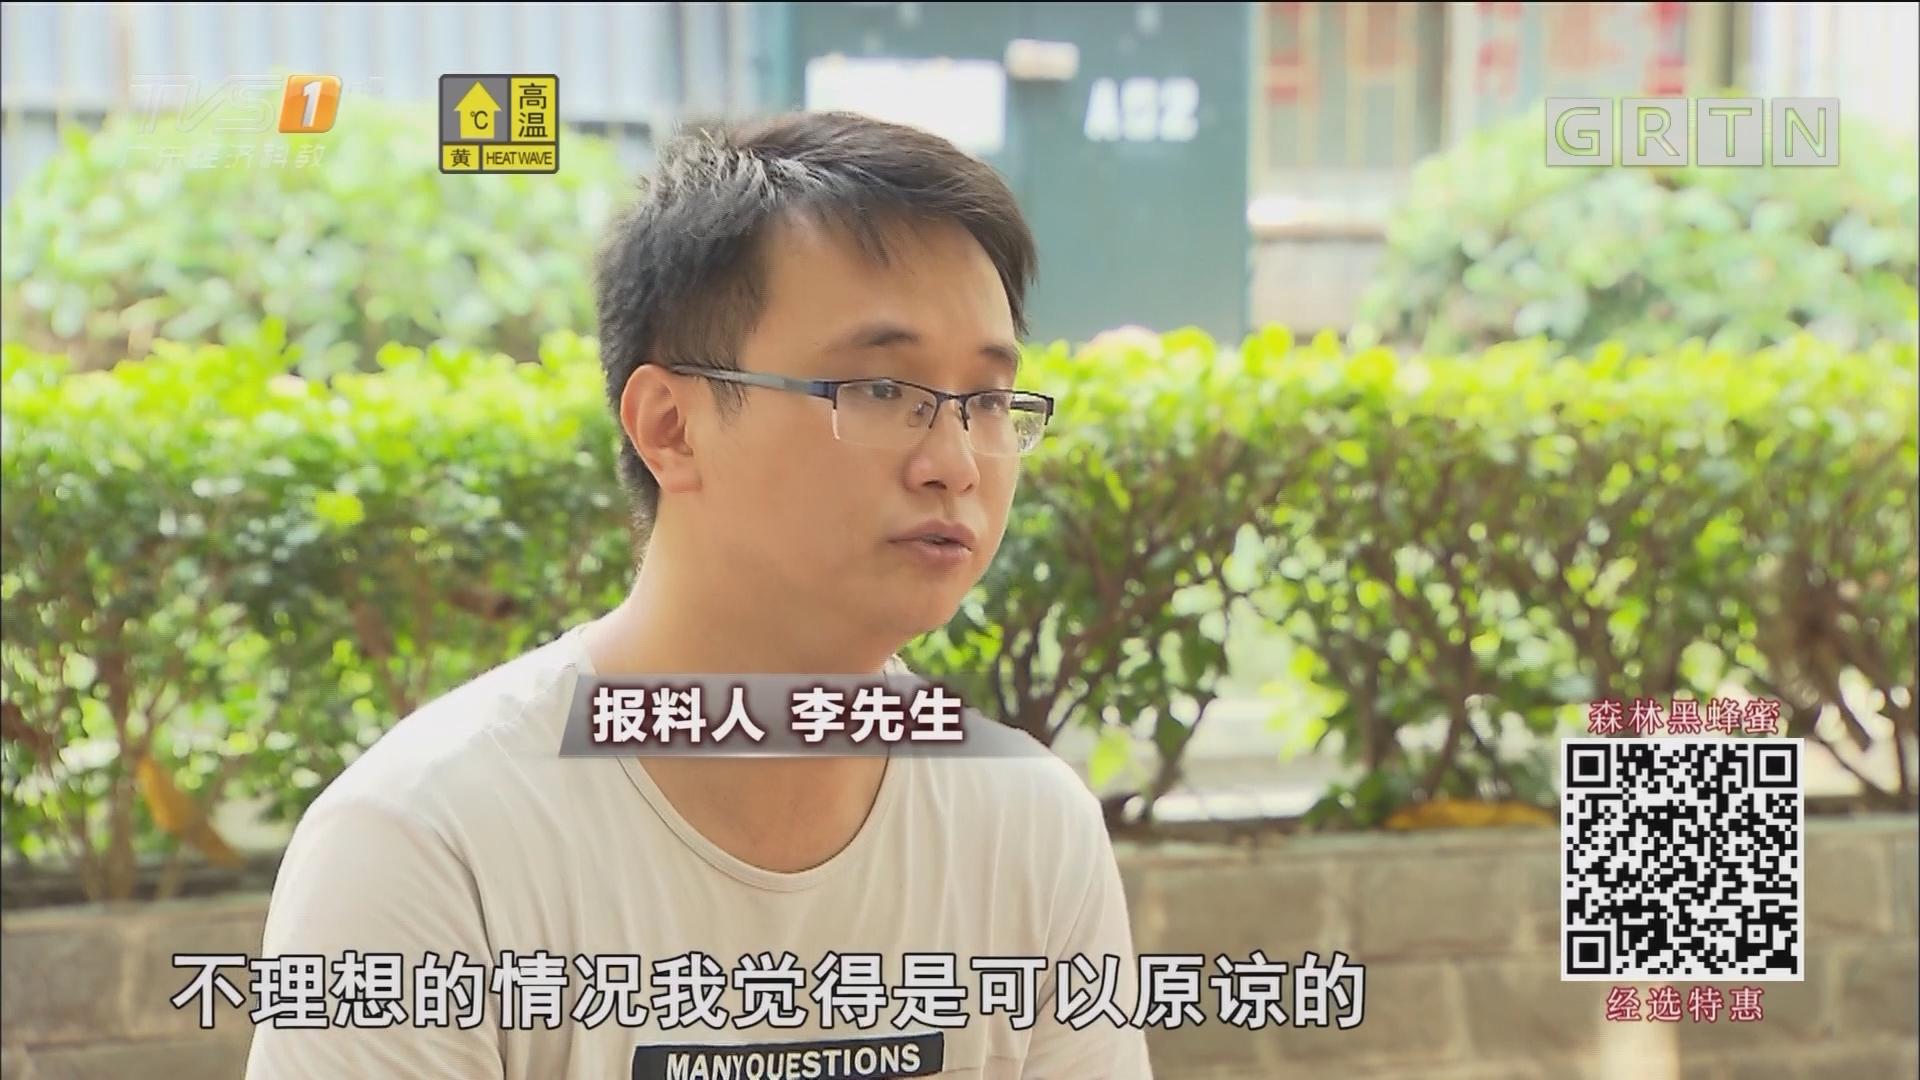 广州男遭连环骗 没了工资还背债?